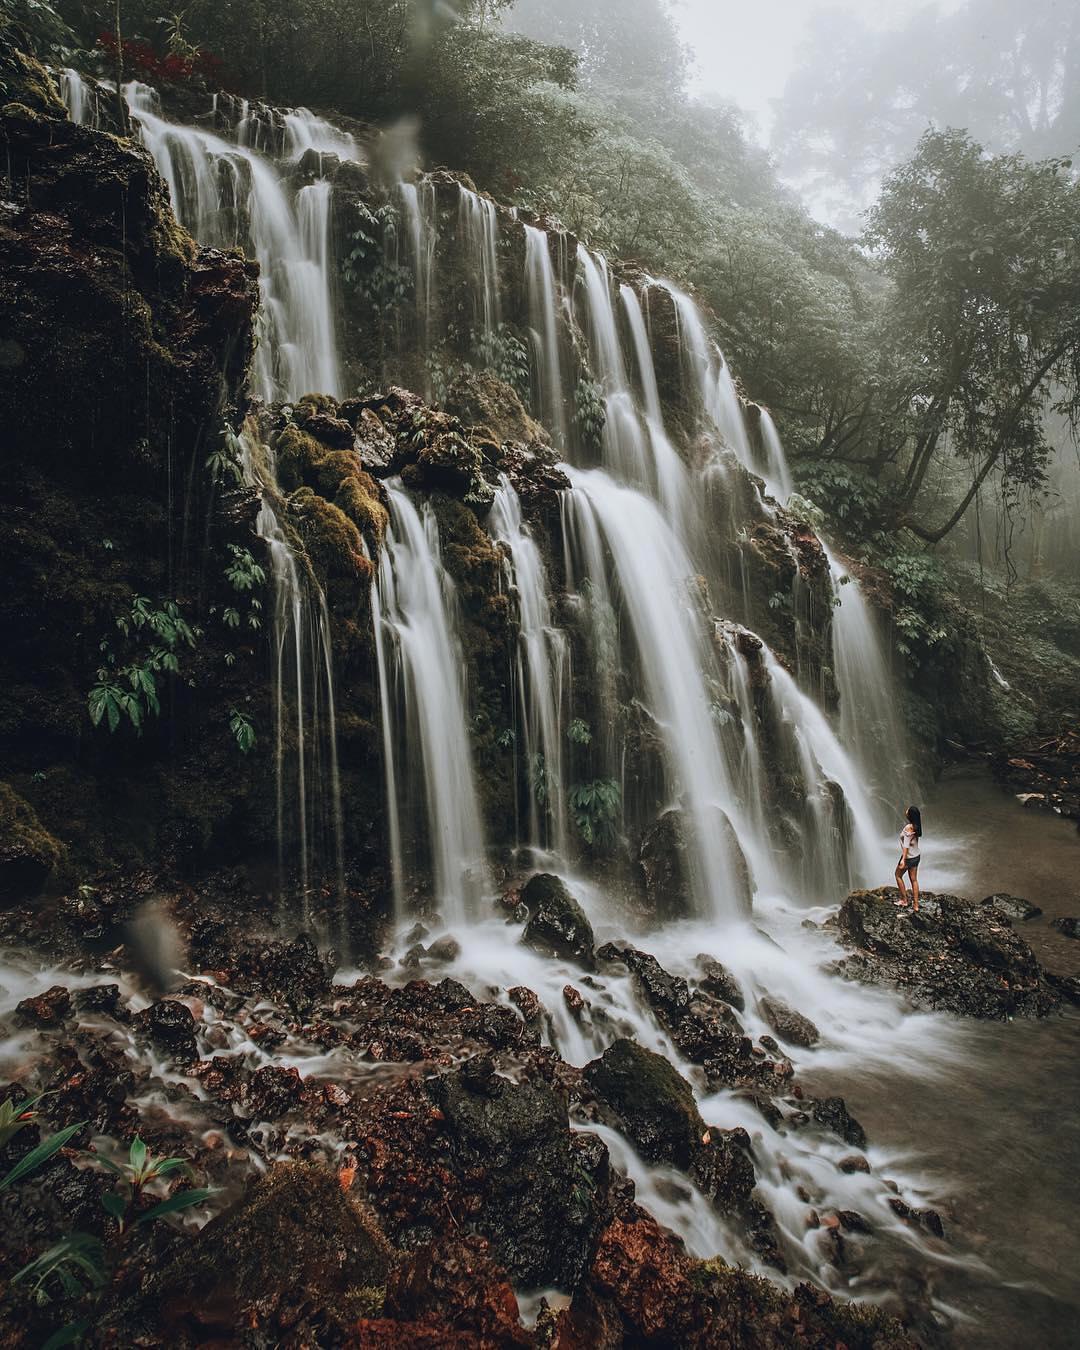 Waterfalls in Bali; Bhuana Sari Waterfall